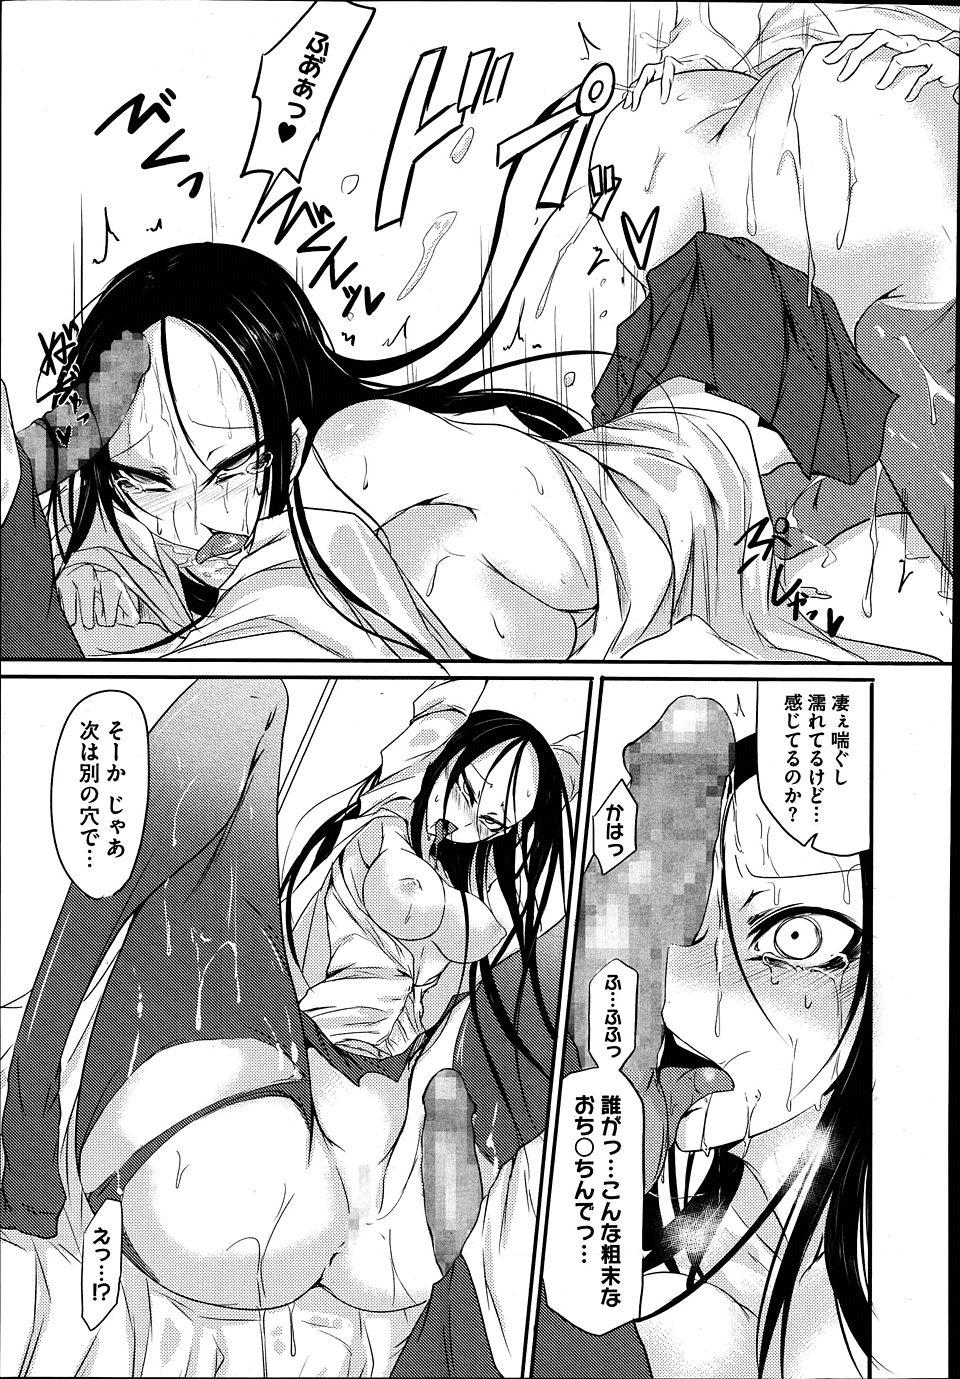 【エロ漫画・エロ同人】巨乳の科学部員に拘束されて痴女られてるンゴwww (17)